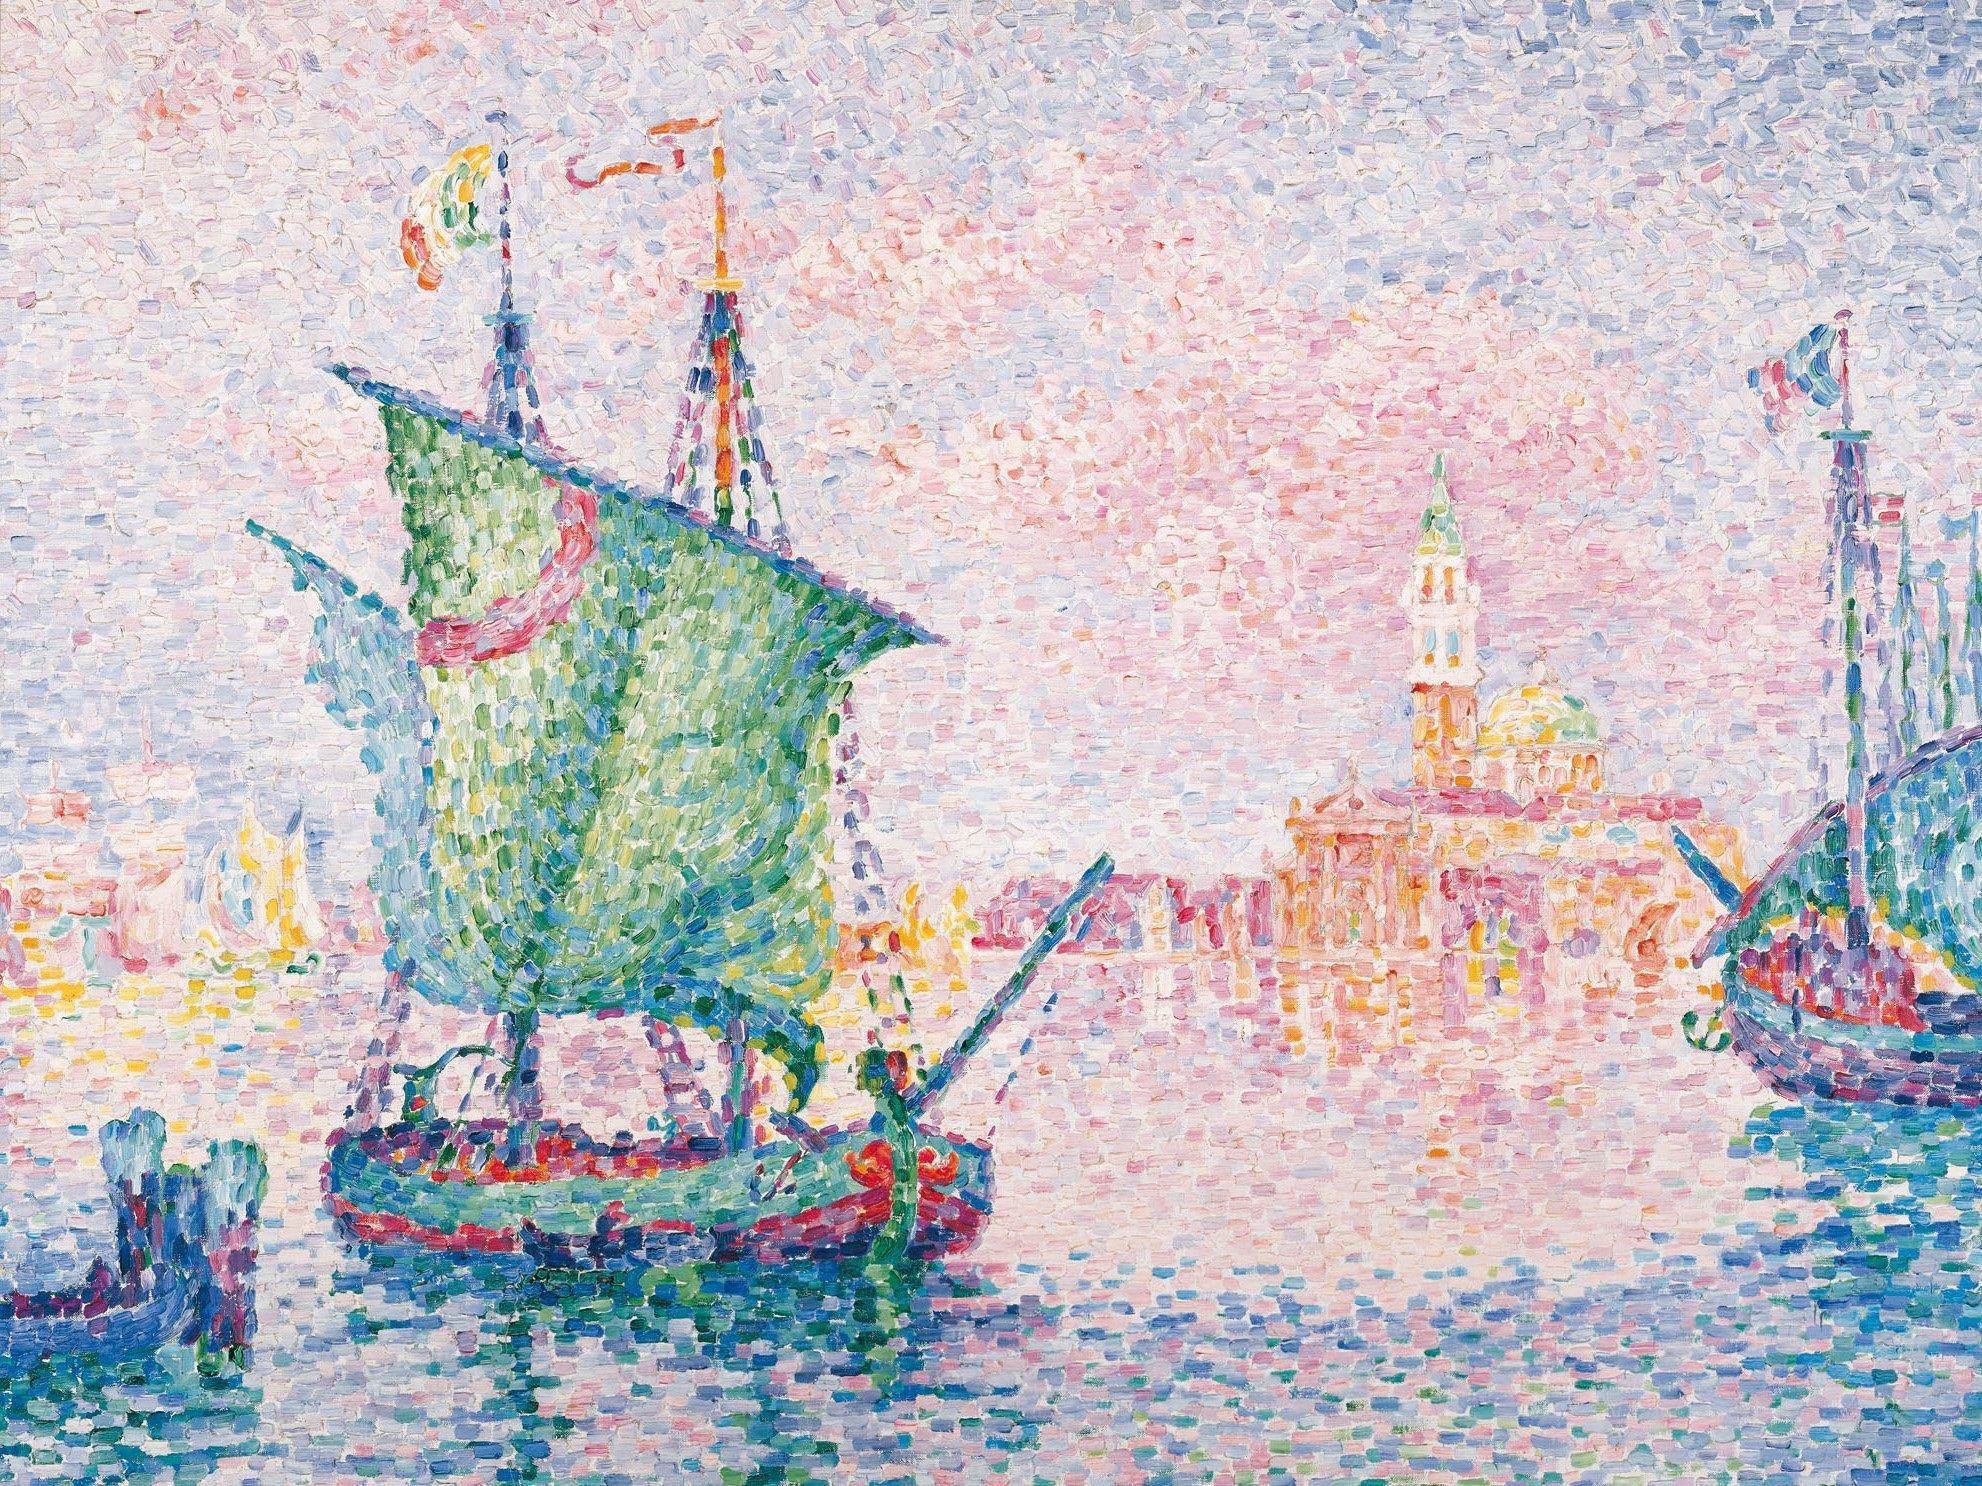 Paul SIgnac - Venedig, die rosa Wolke, 1909